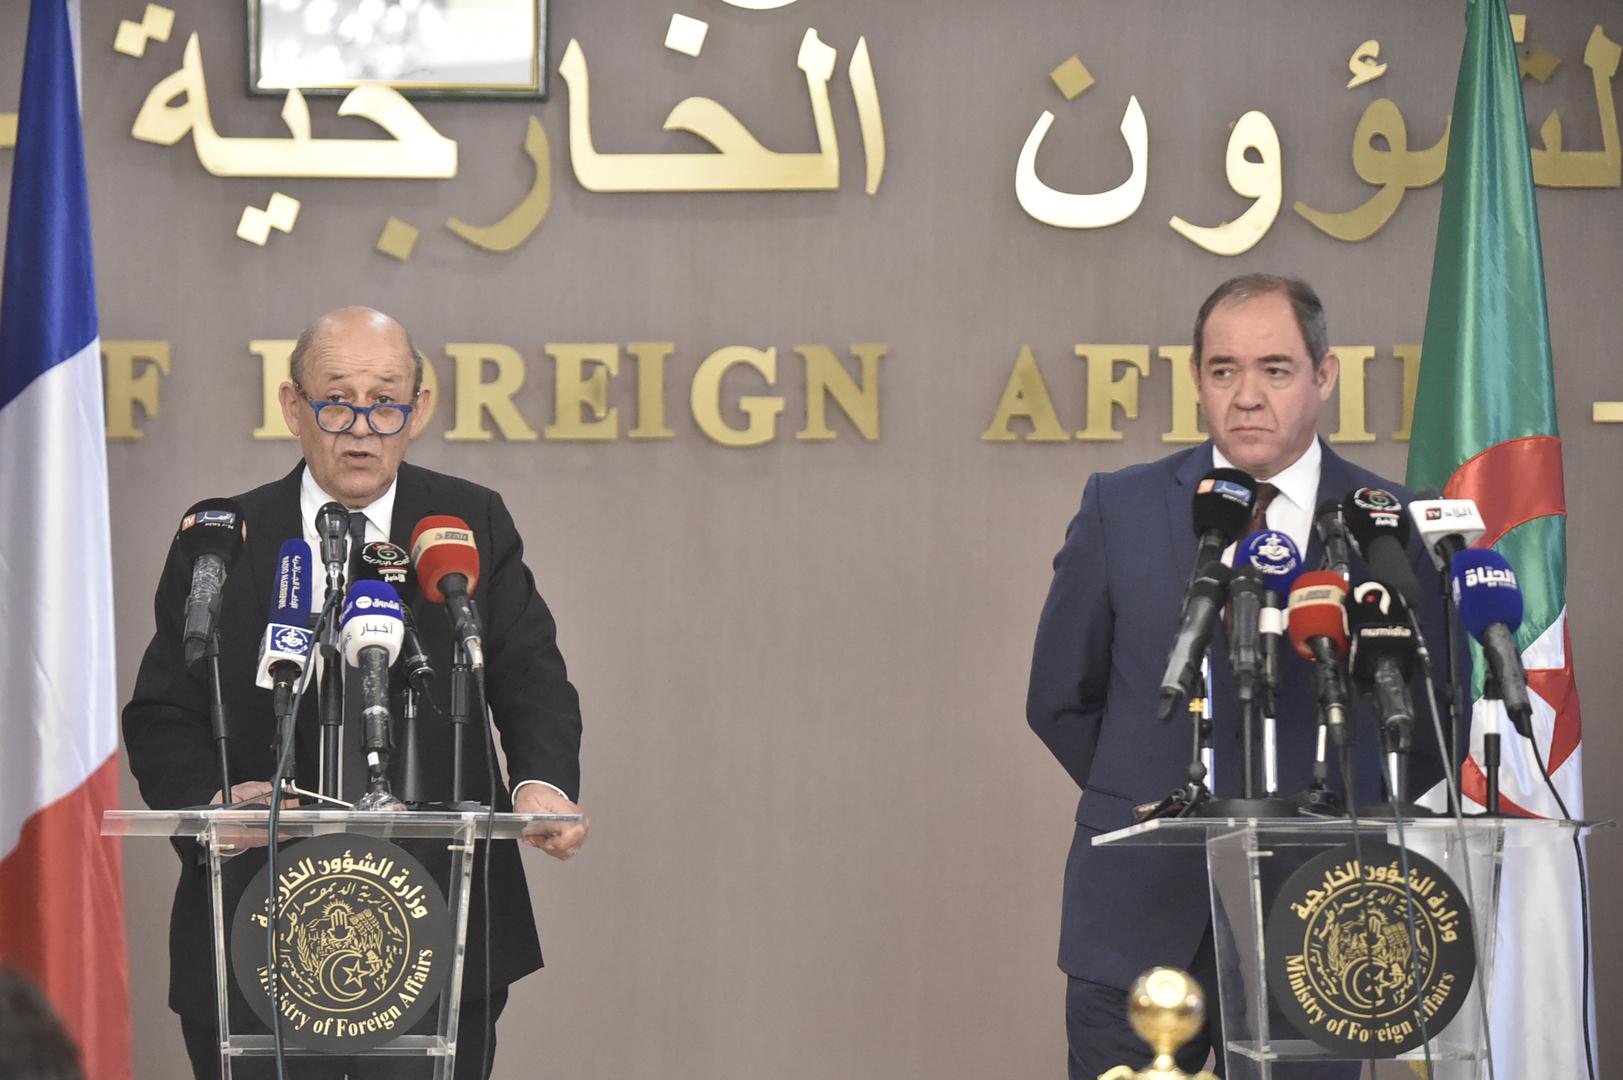 وزير خارجية الجزائر صبري بوقدوم يجري مباحثات في العاصمة الليبية